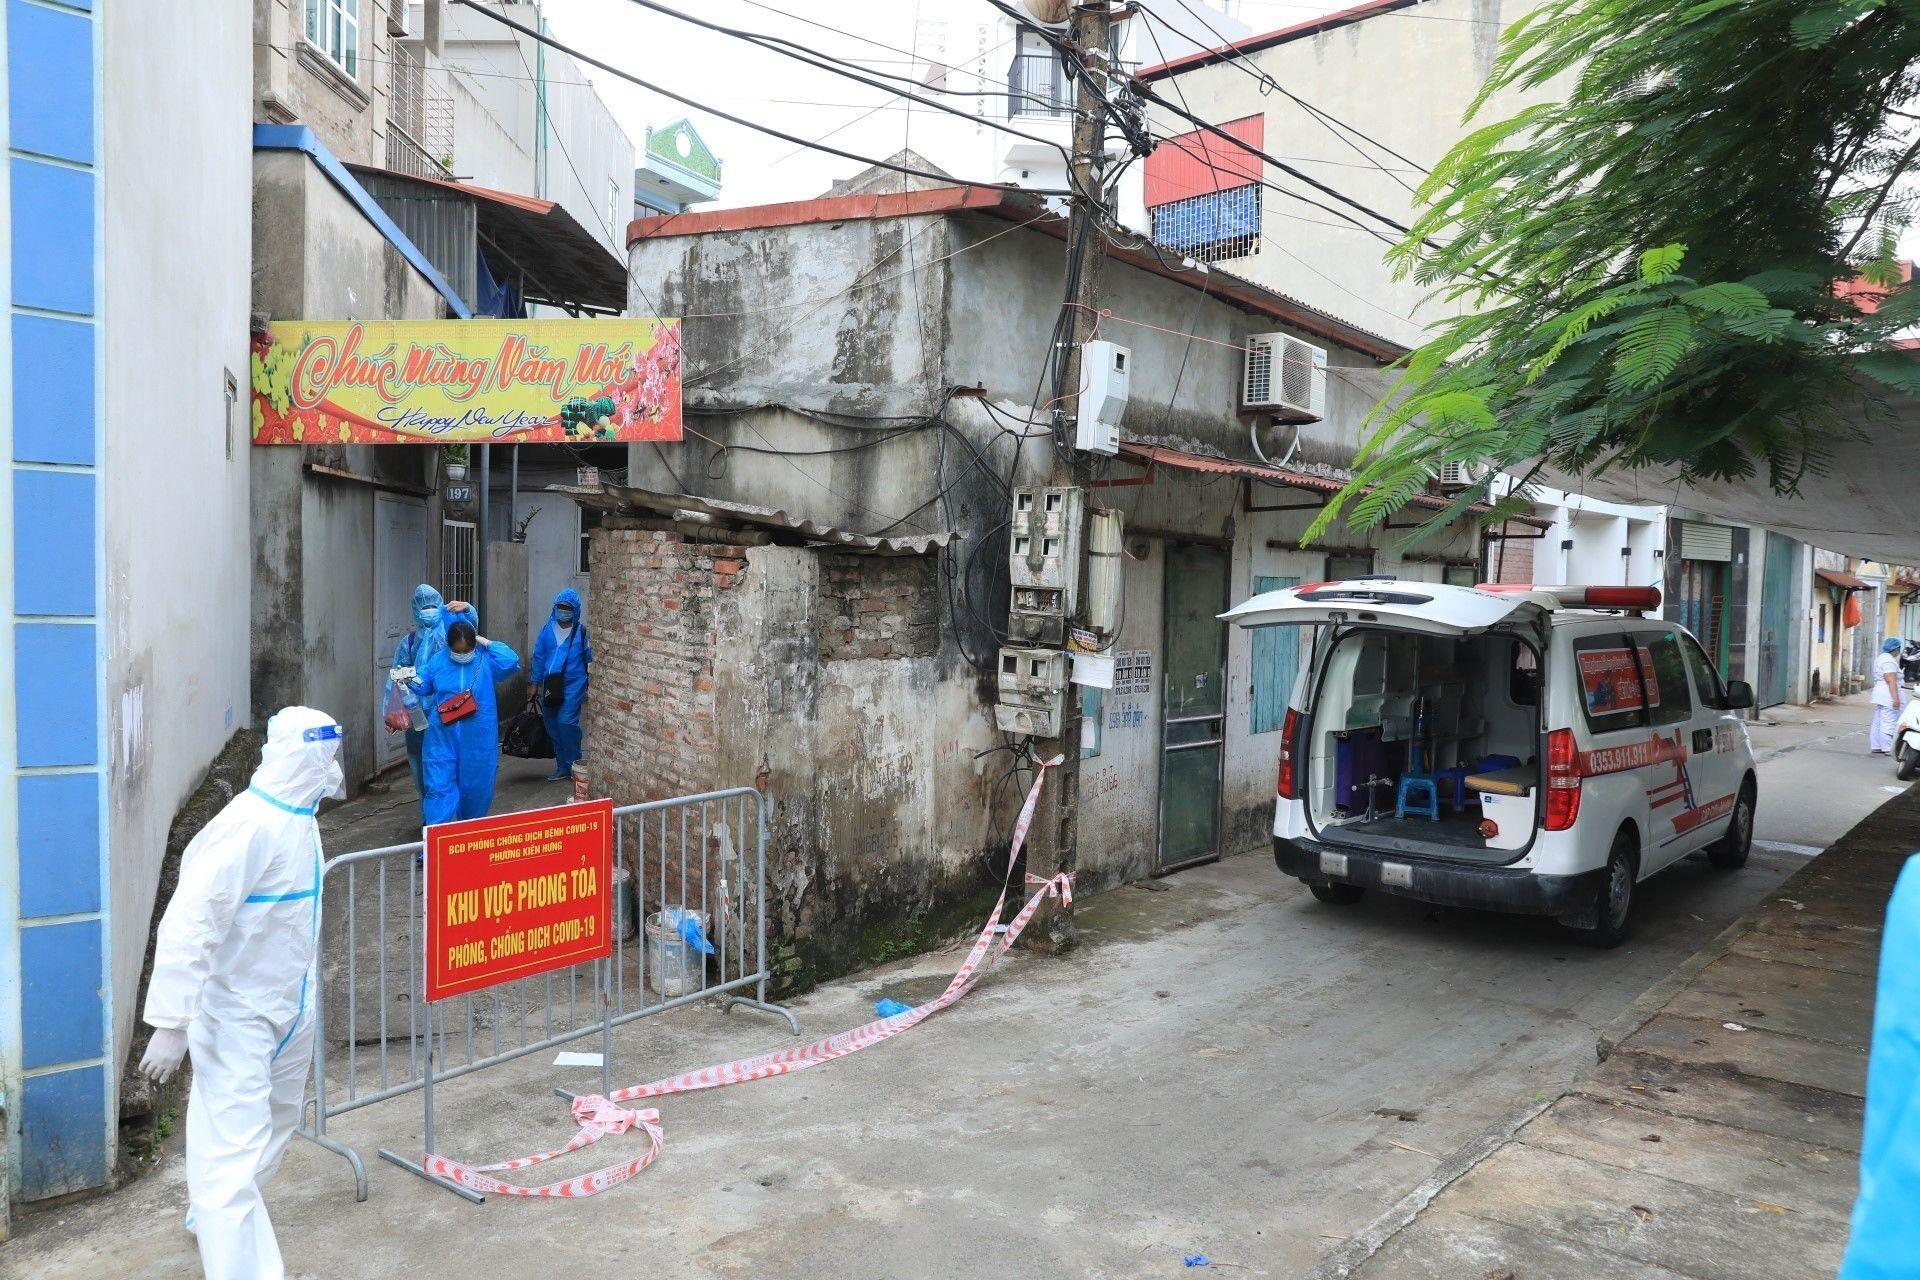 Hà Nội phát hiện ca nhiễm COVID-19 trong cộng đồng ở quận Hà Đông - Sputnik Việt Nam, 1920, 05.10.2021